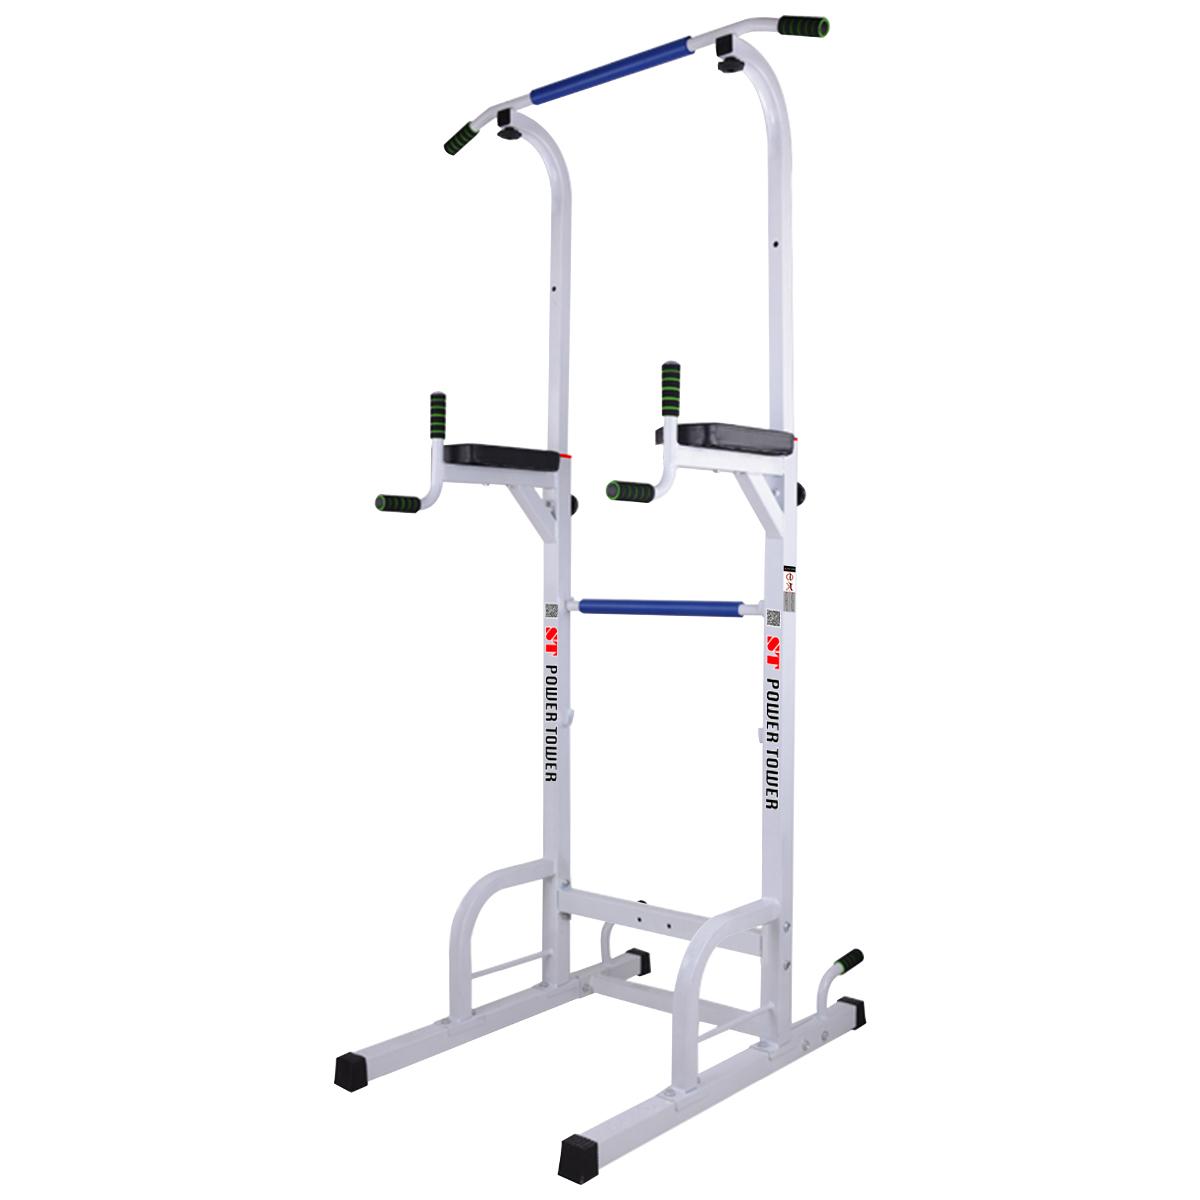 健康器 懸垂マシンマルチジム トレーニング 背筋 猫背 伸ばし ぶら下がり 筋トレ 握力器具 懸垂 腕立て フィットネス トレーニング スポーツ器具